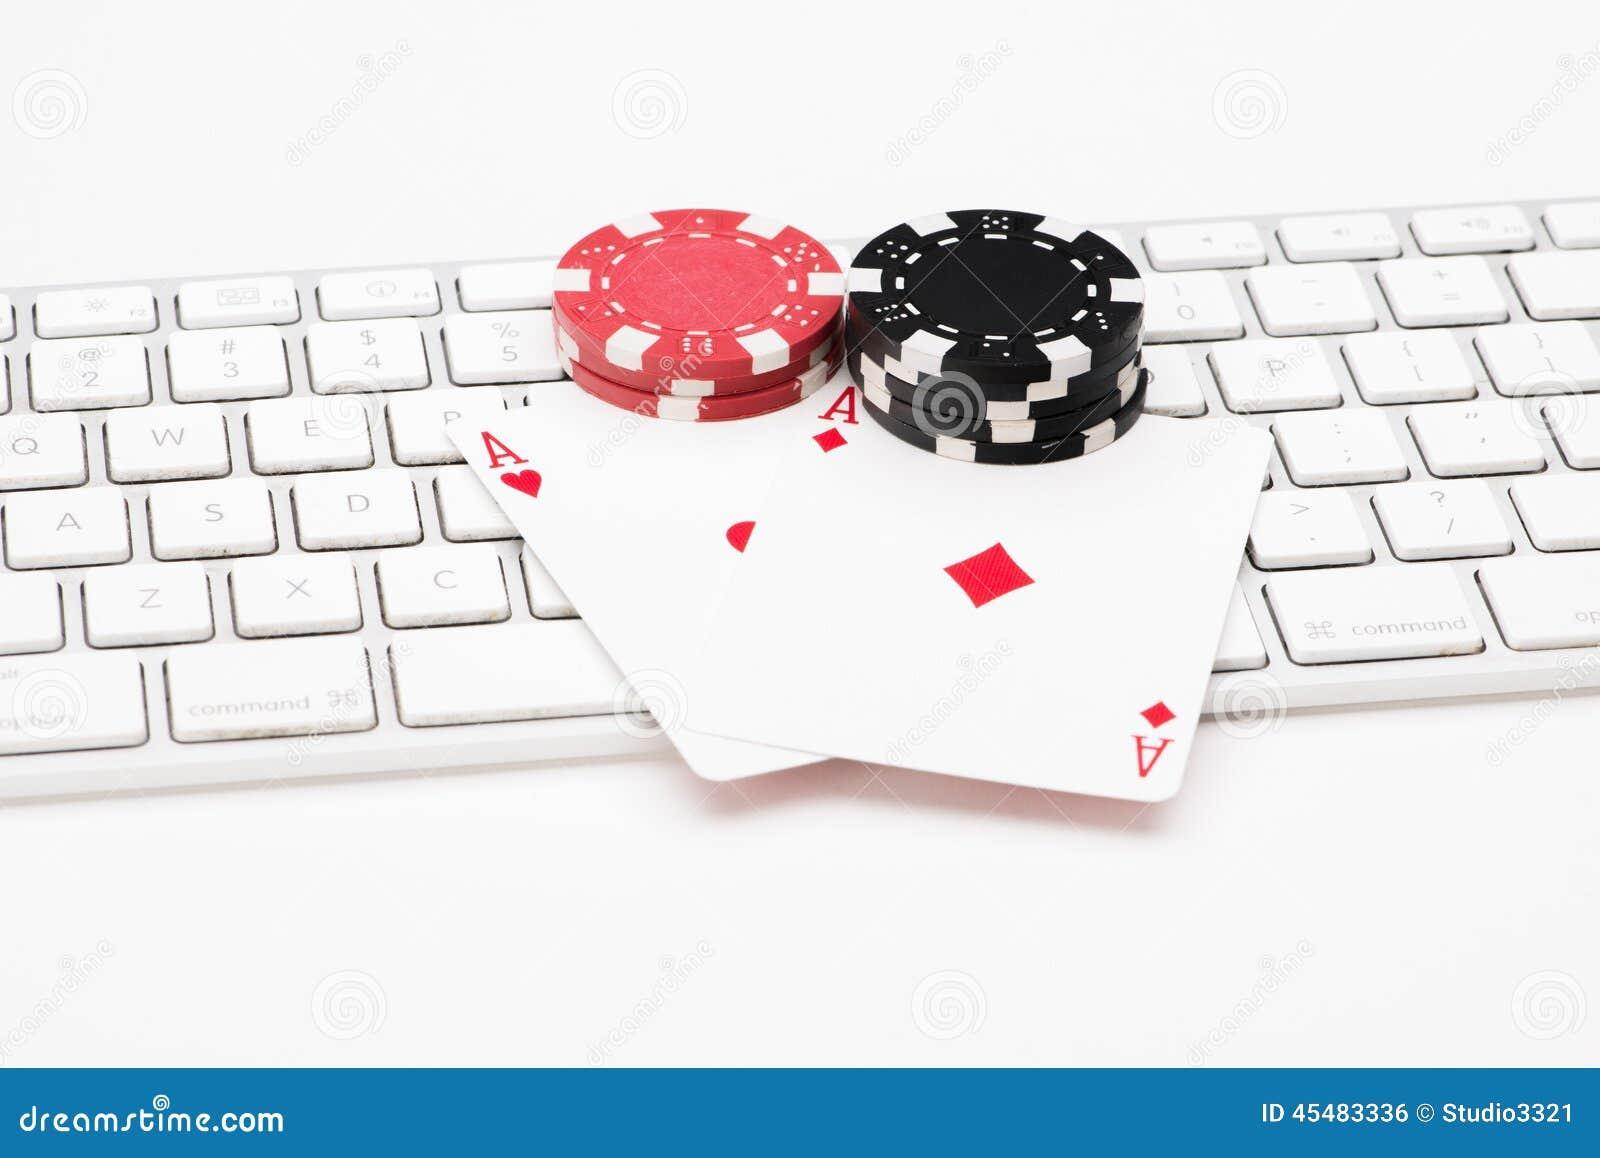 啤牌卡片和芯片在网键盘